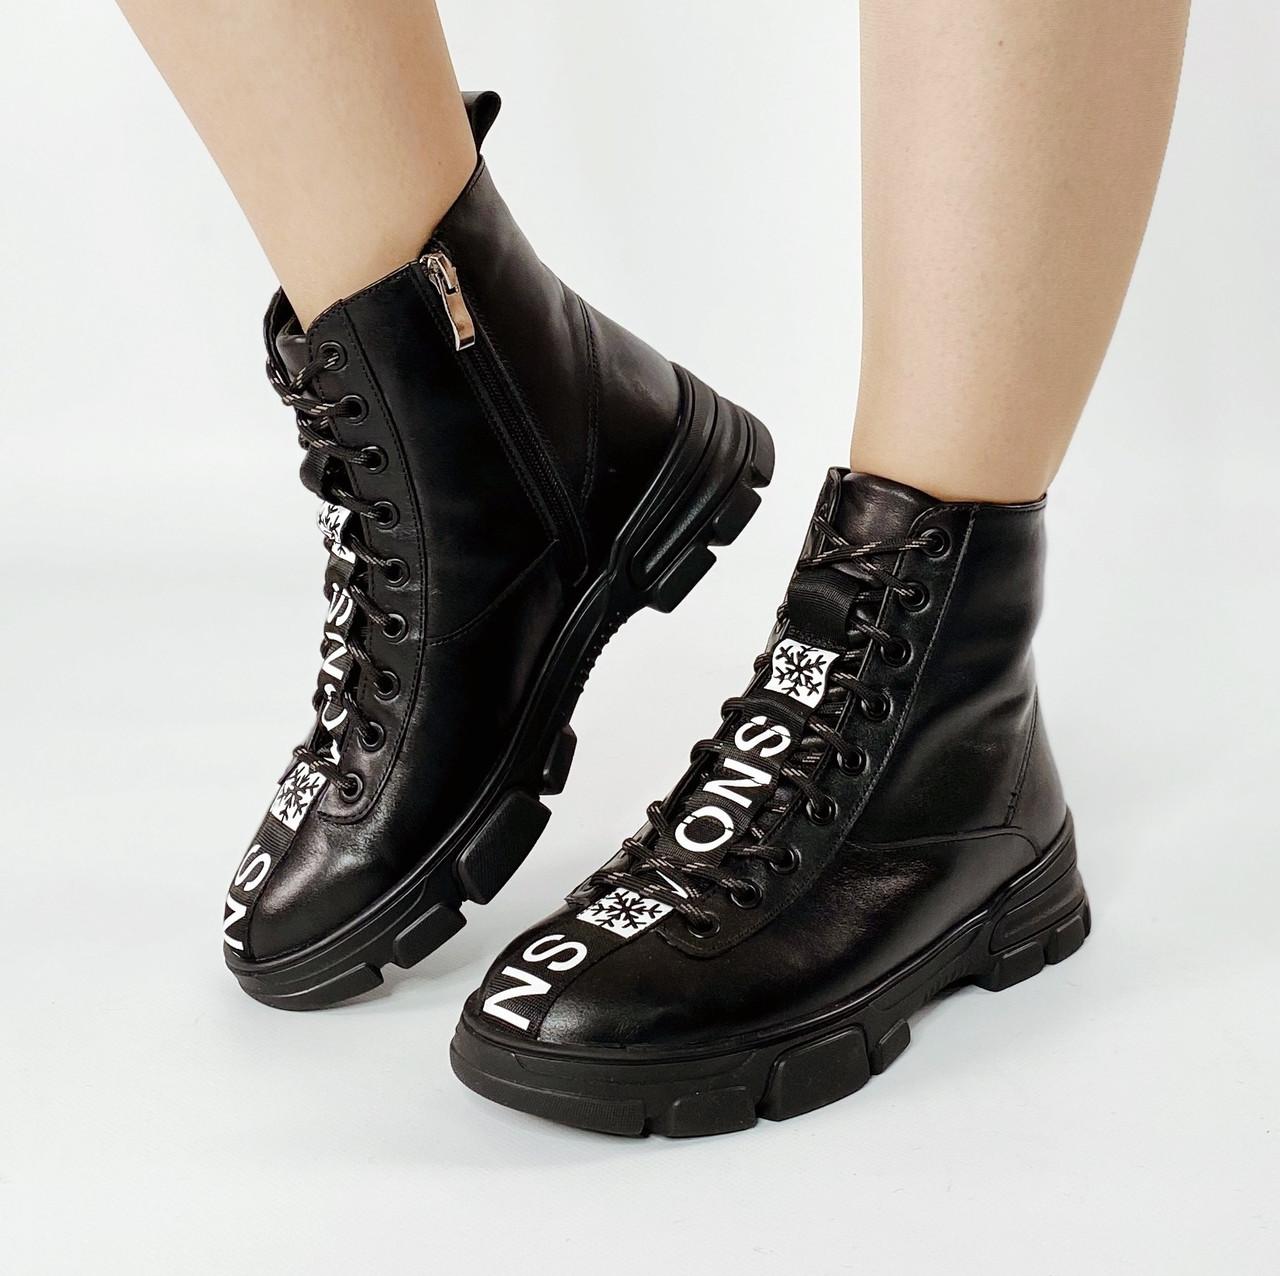 Черевики жіночі повсякденні шкіряні чорні на шнурках MORENTO зимові